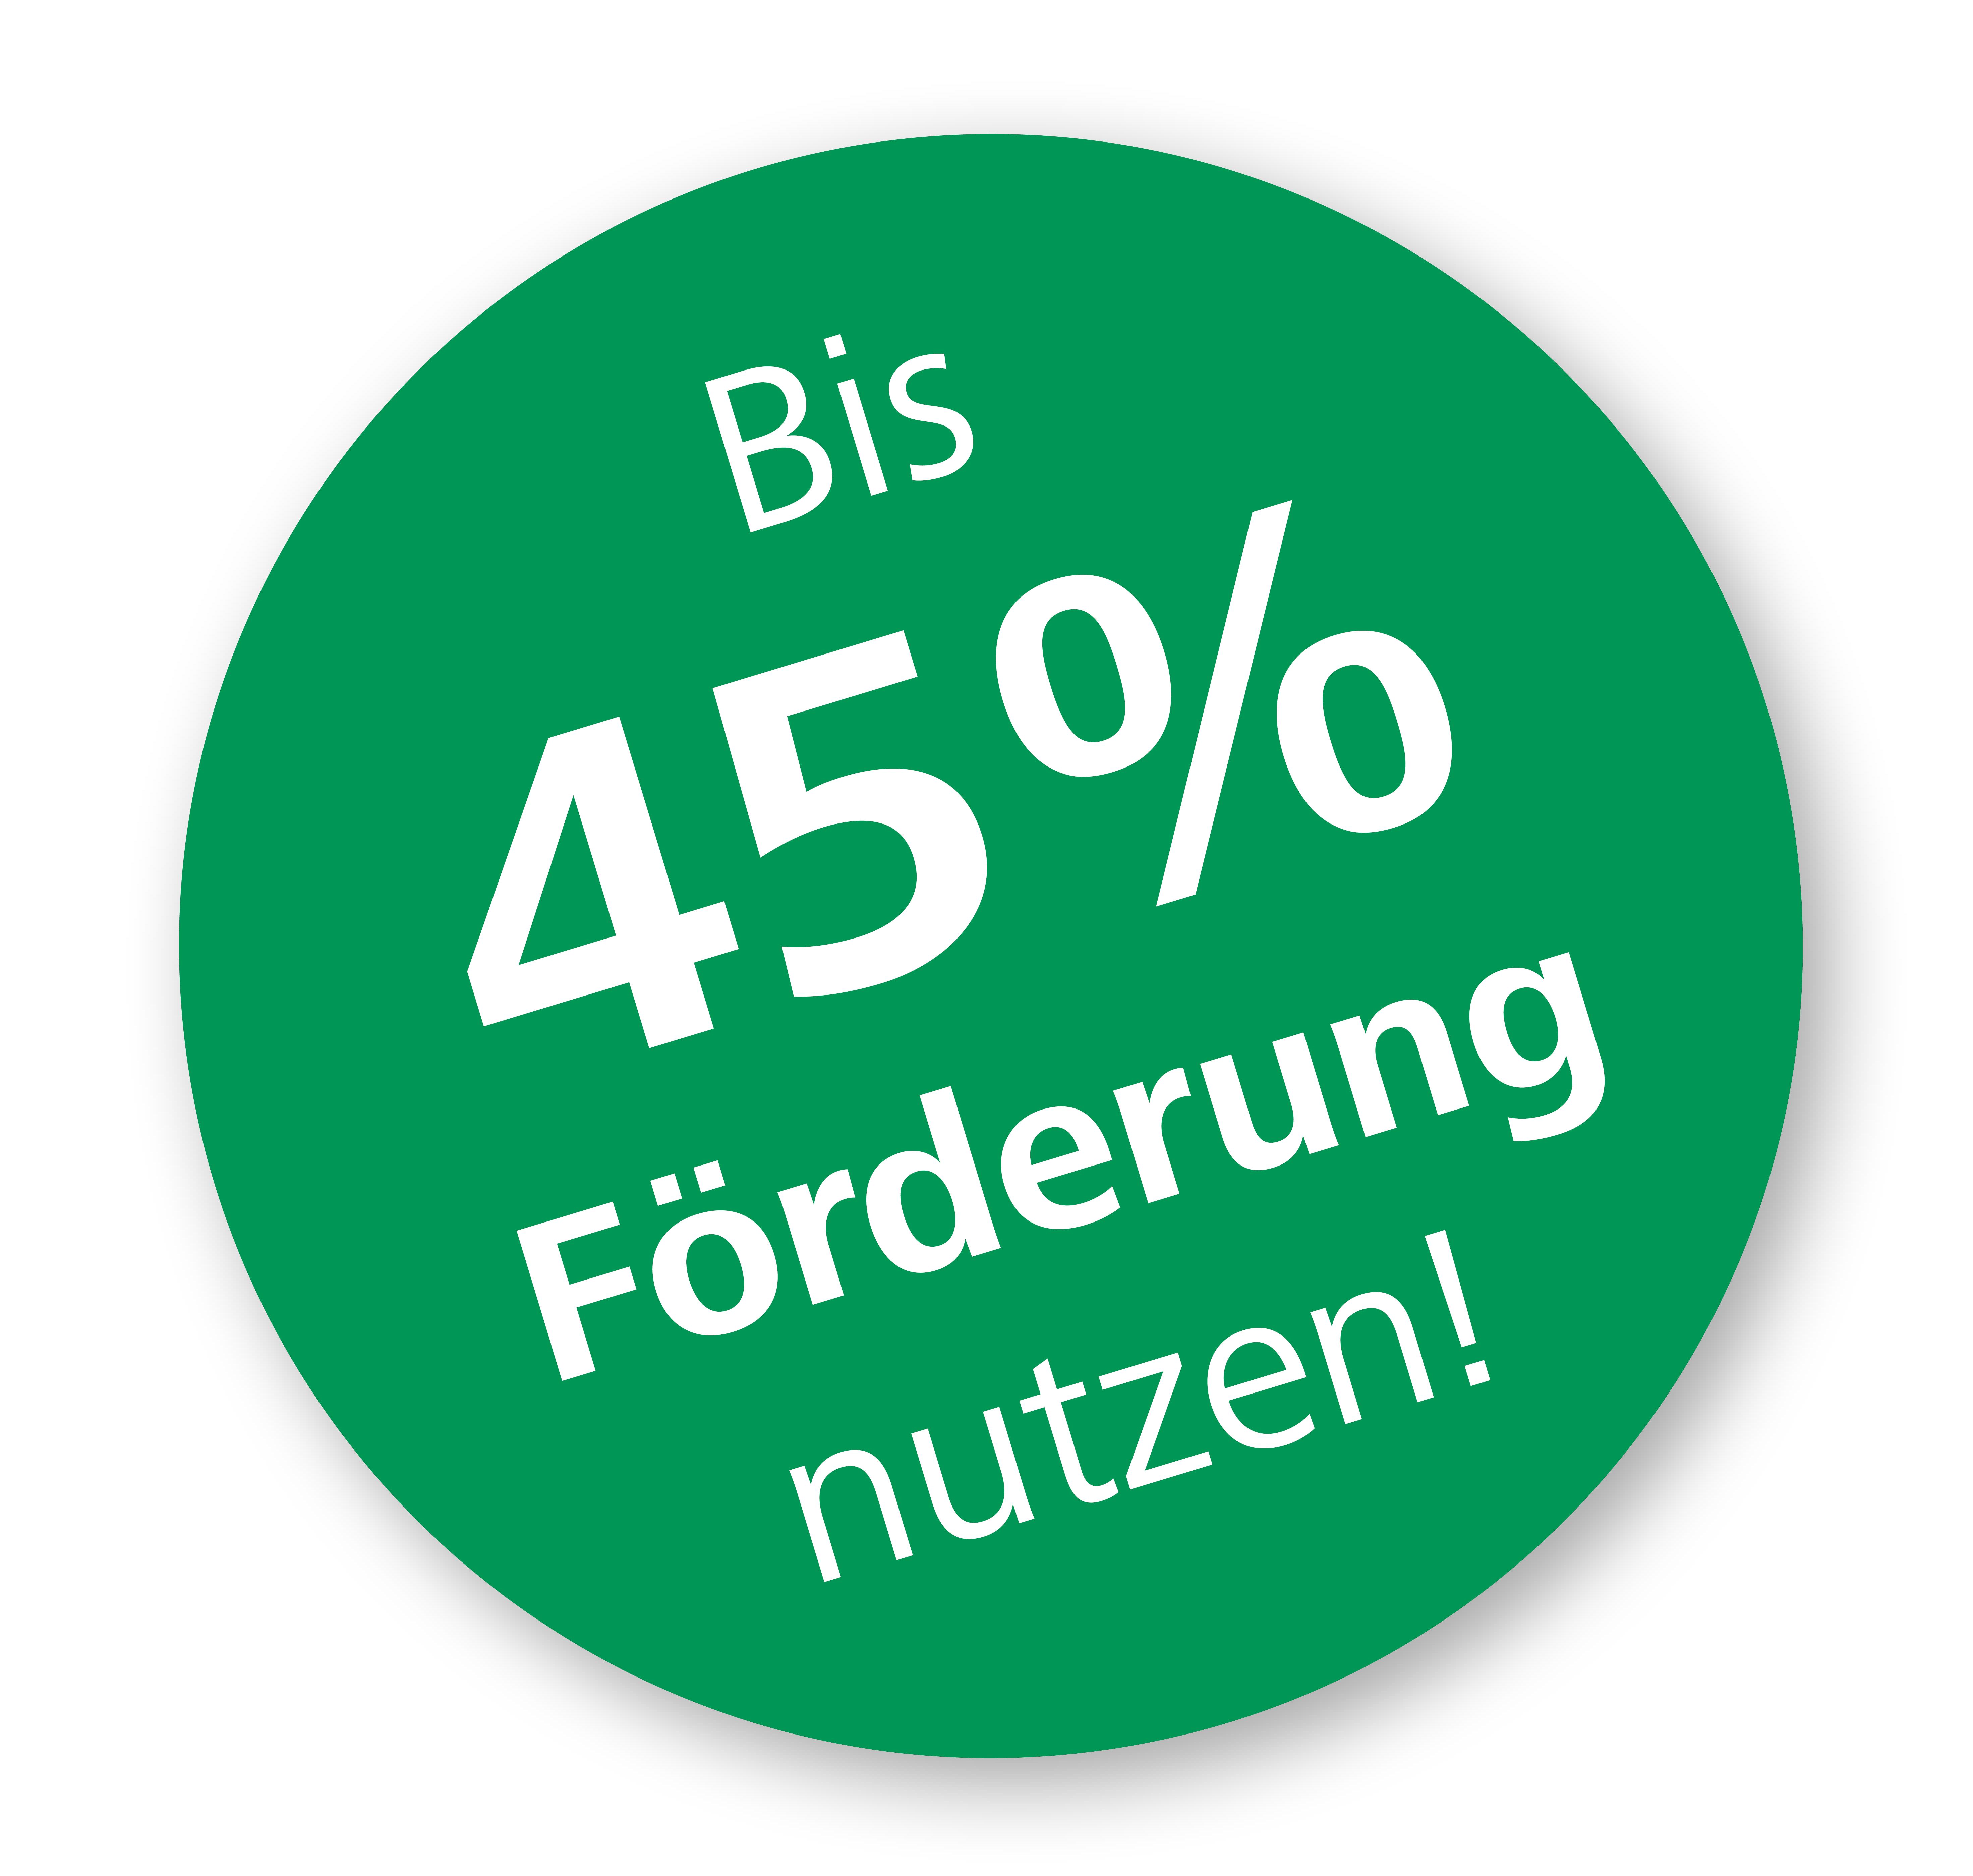 45% Förderung nutzen